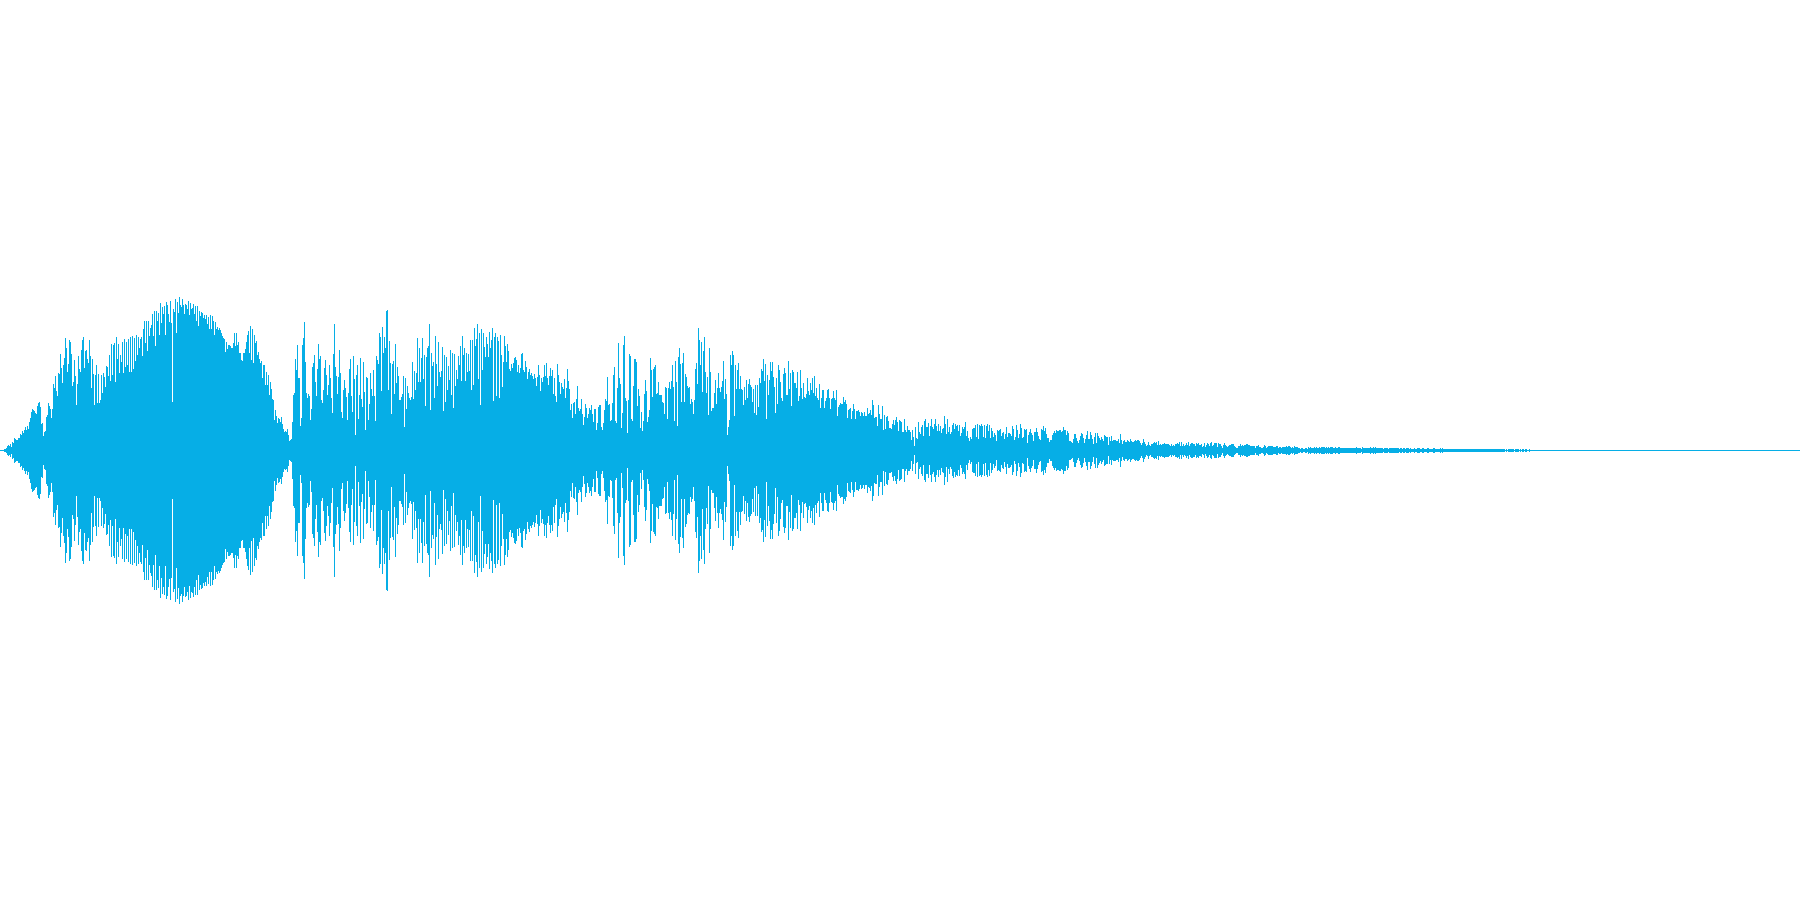 ピピピピ(アプリの汎用的なタップ音の再生済みの波形